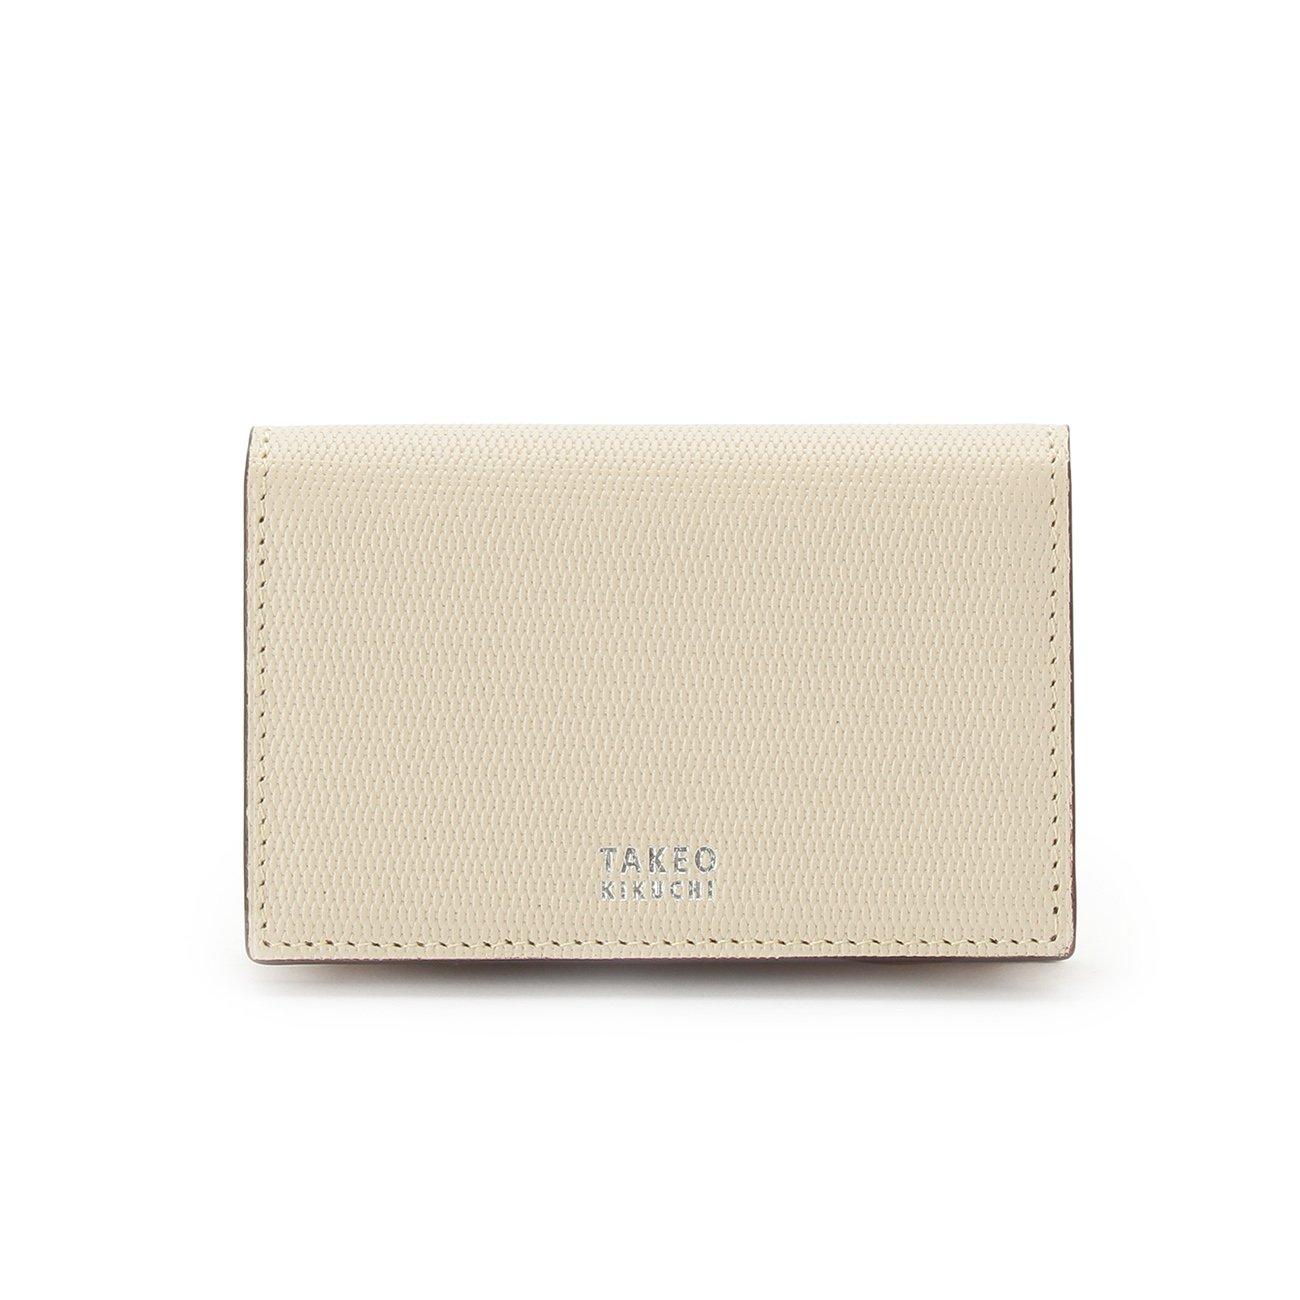 (タケオキクチ) TAKEO KIKUCHI ミニメッシュ名刺カードケース 07001522 B072M3KPYD アイボリー(503) アイボリー(503)